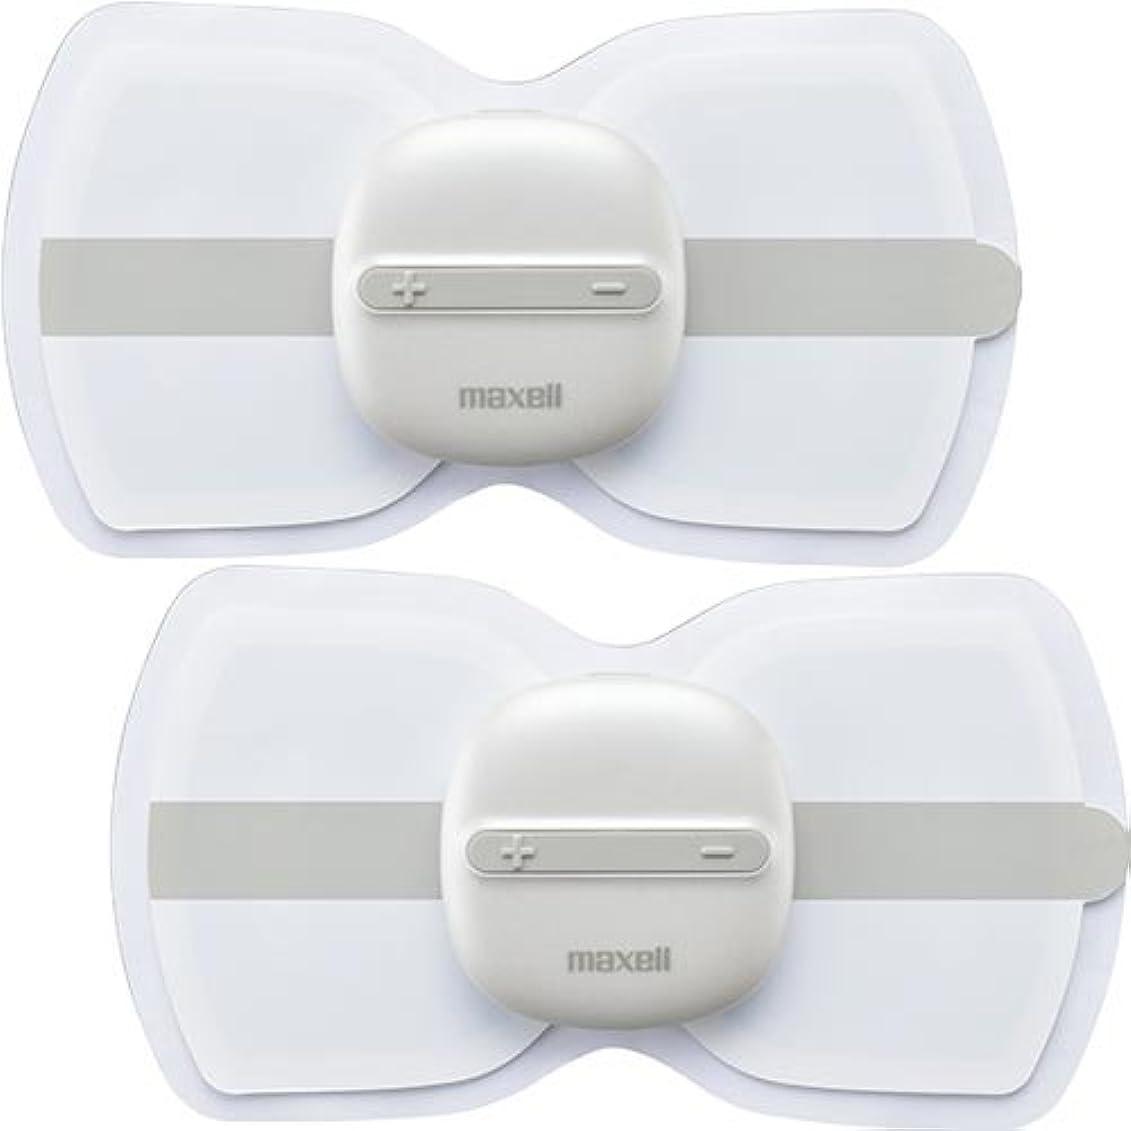 オーガニック散歩に行く論争的日立マクセル(株) 低周波治療器 もみケア ホワイト×2個 MXTS-MR100W2P